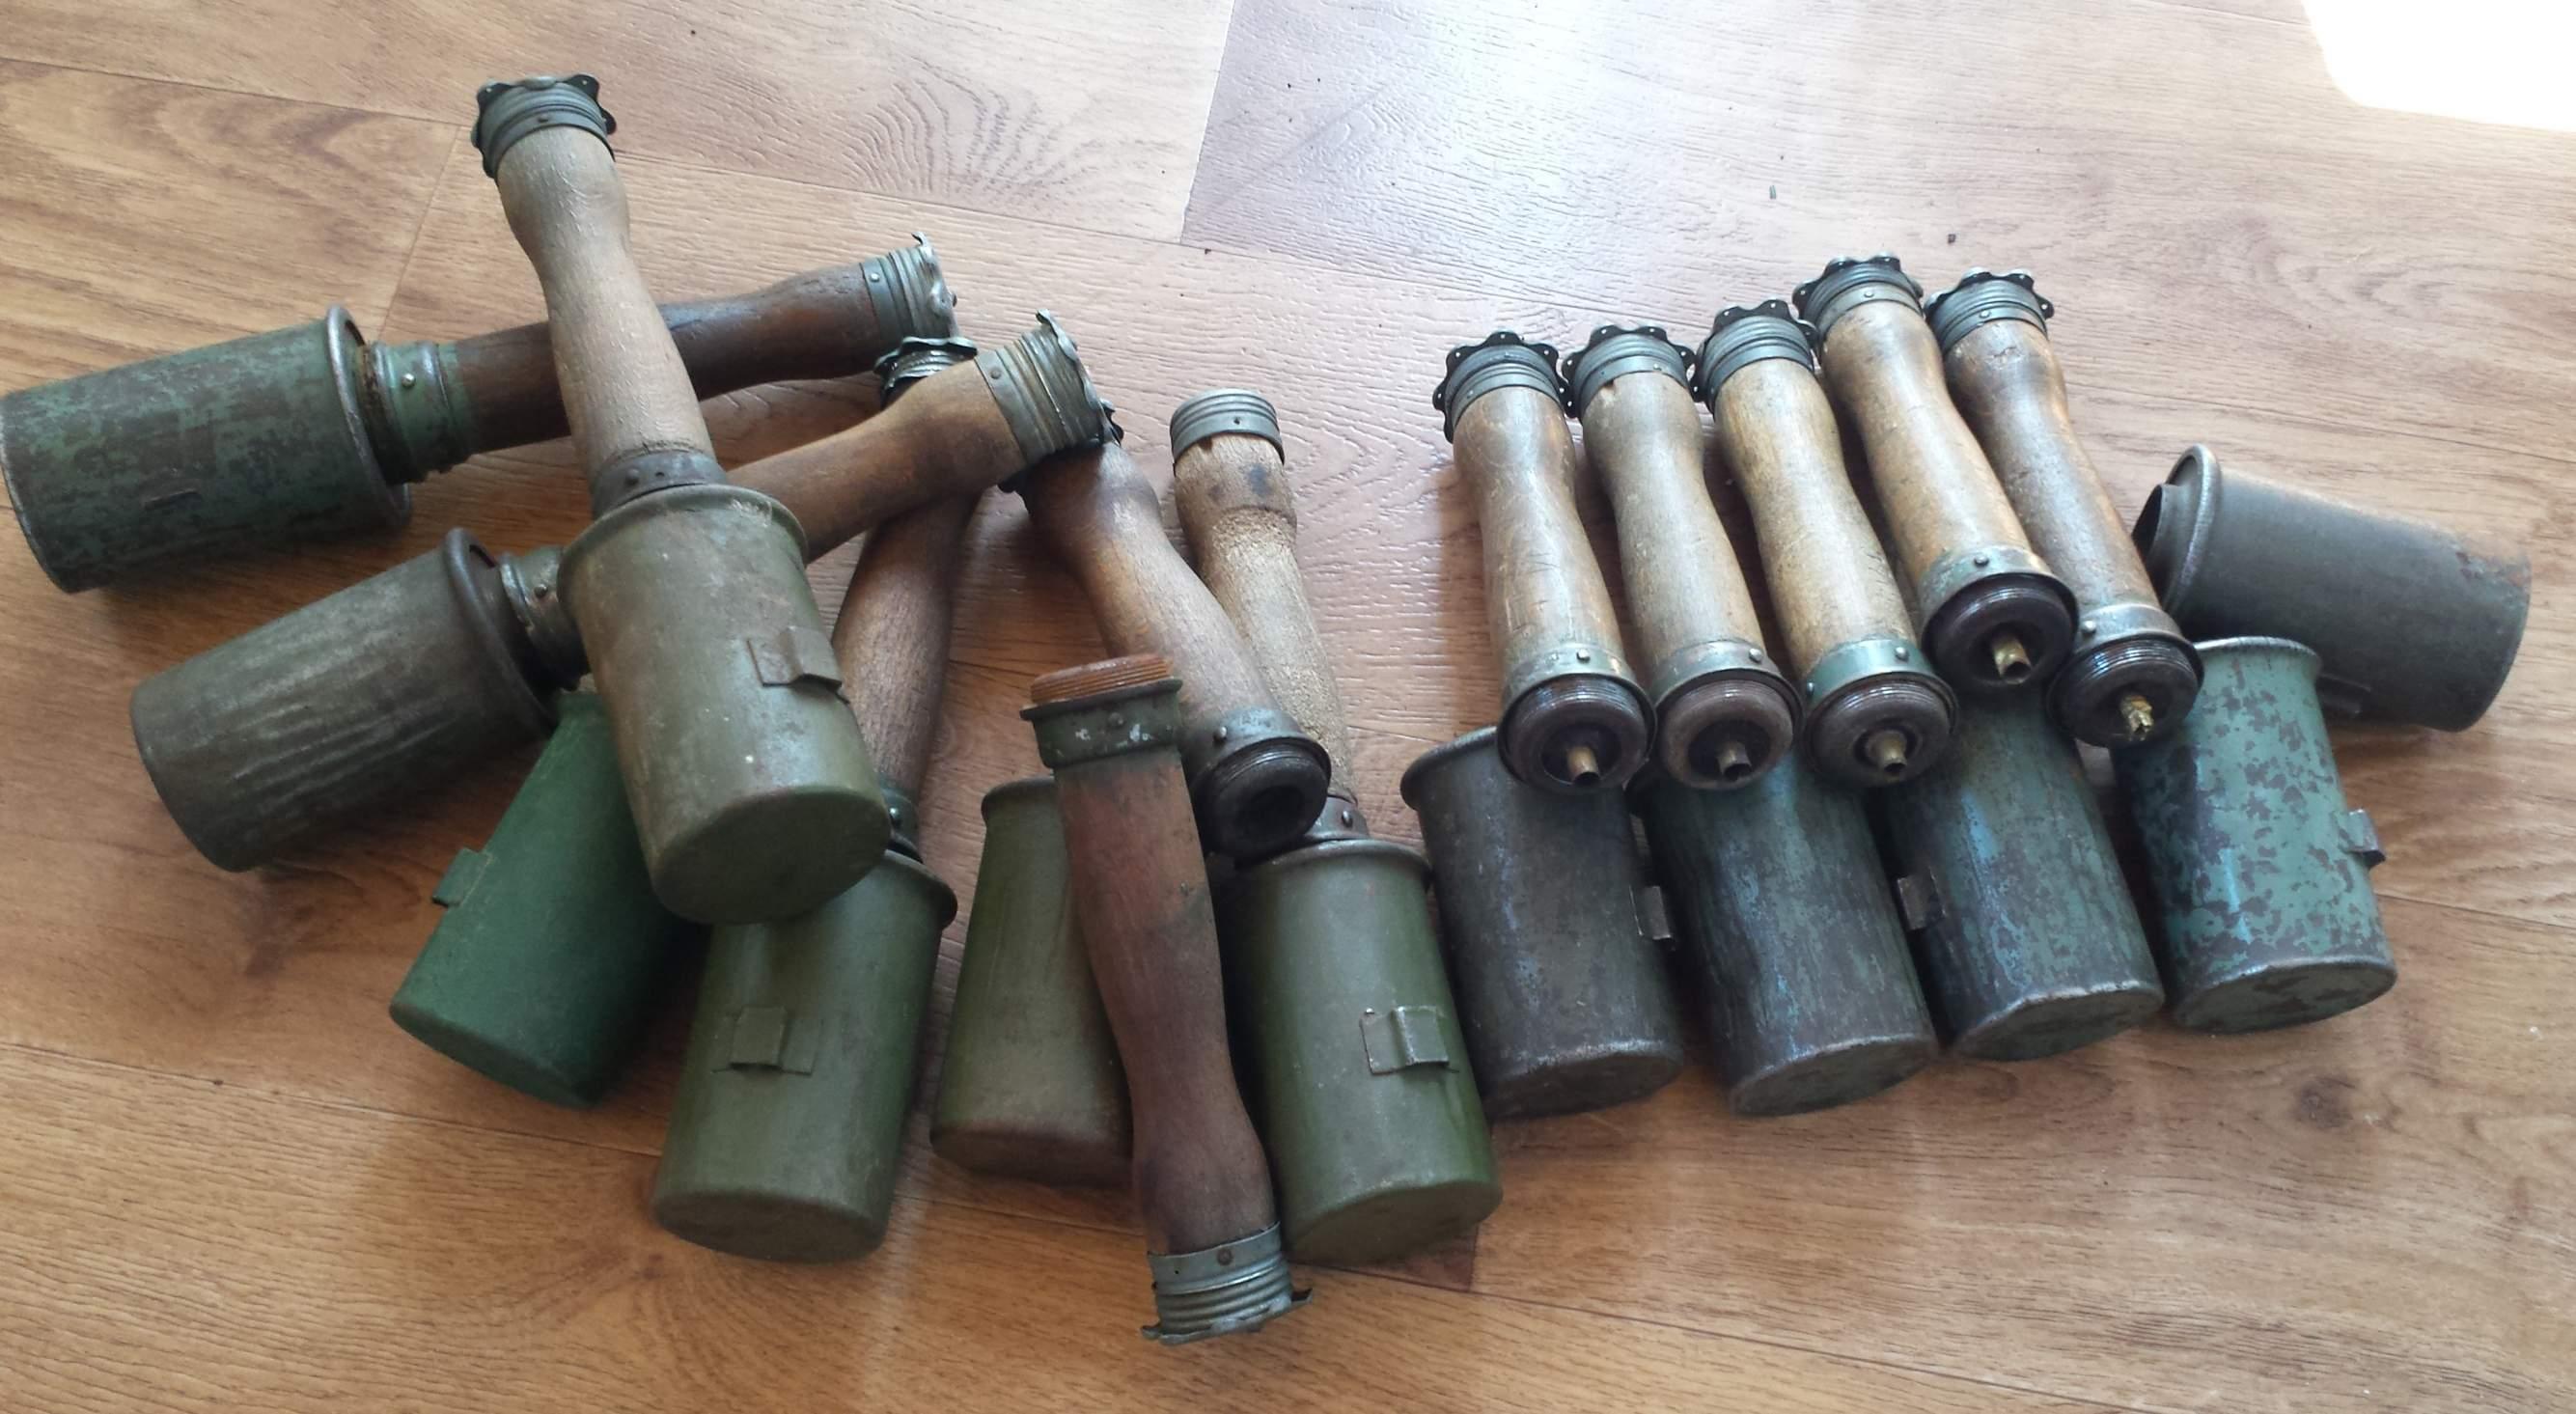 Ww2 grenades